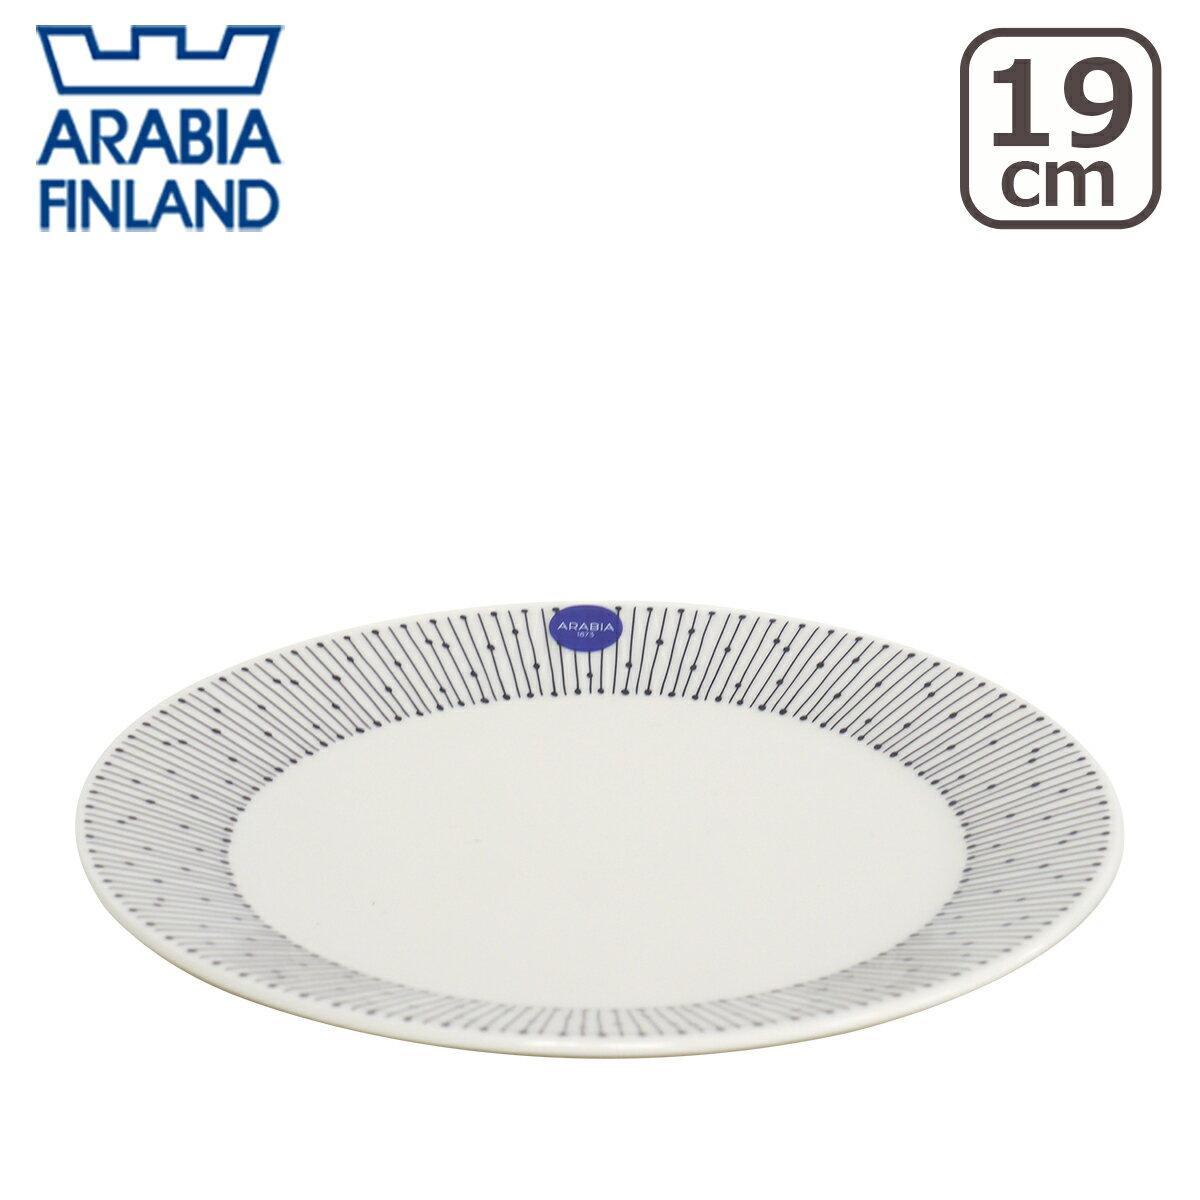 アラビア(Arabia) マイニオ(Mainio) SARASTUS プレート19cm 北欧 フィンランド 食器 Arabia 食器洗い機 対応